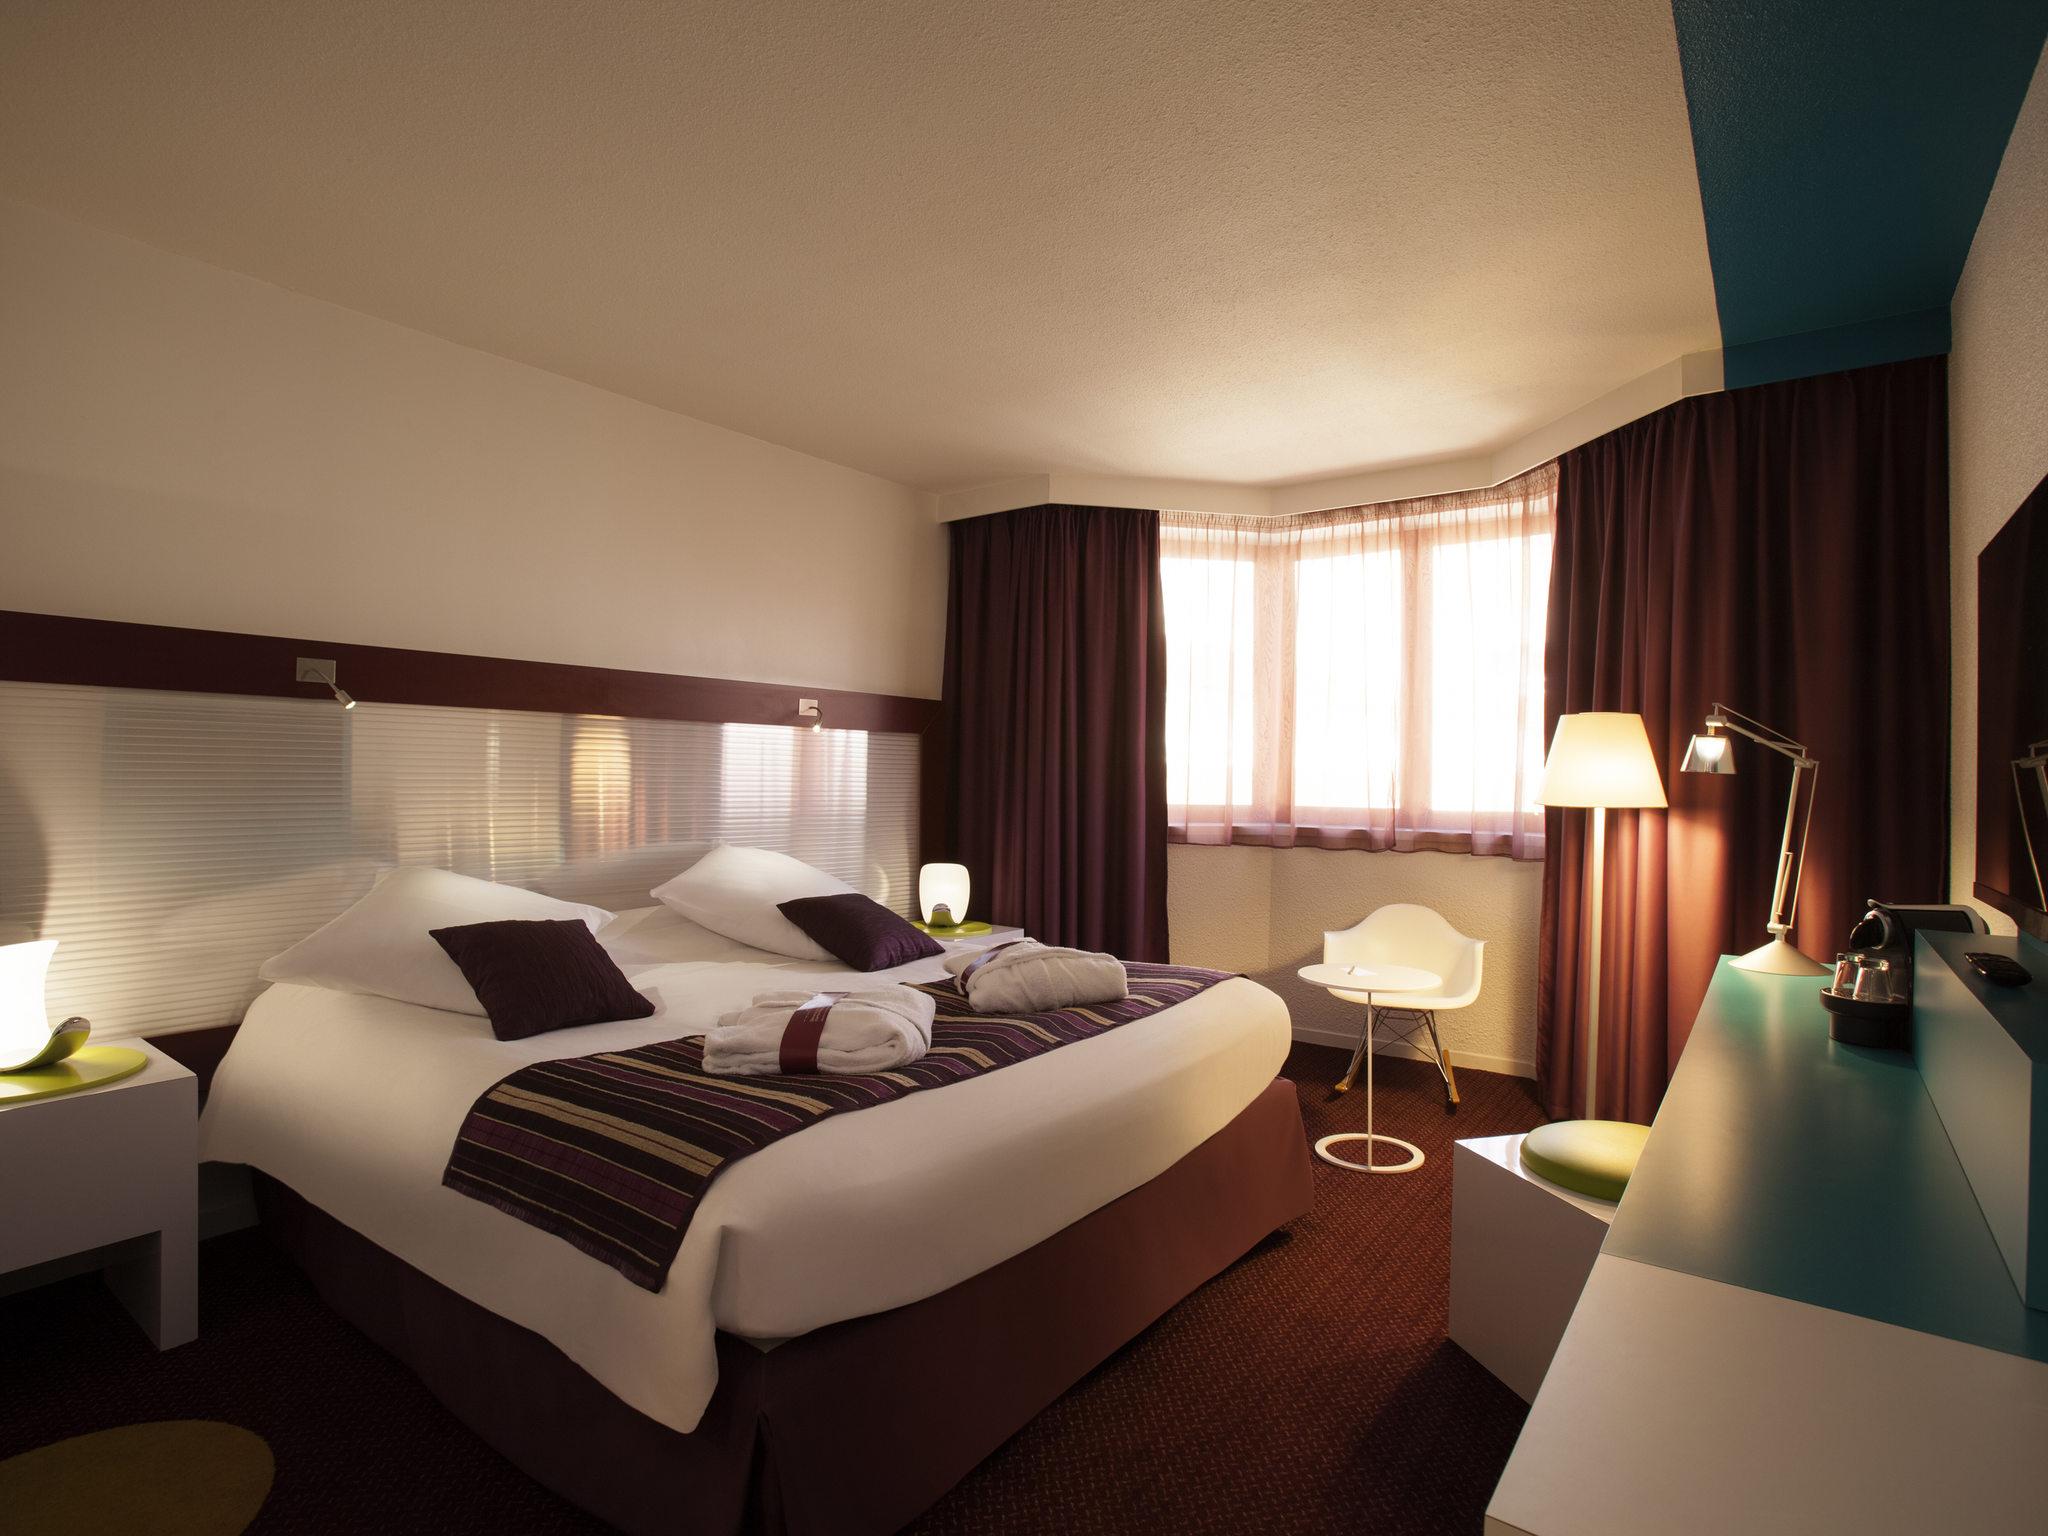 Hotell – Hotell Mercure Strasbourg Centre